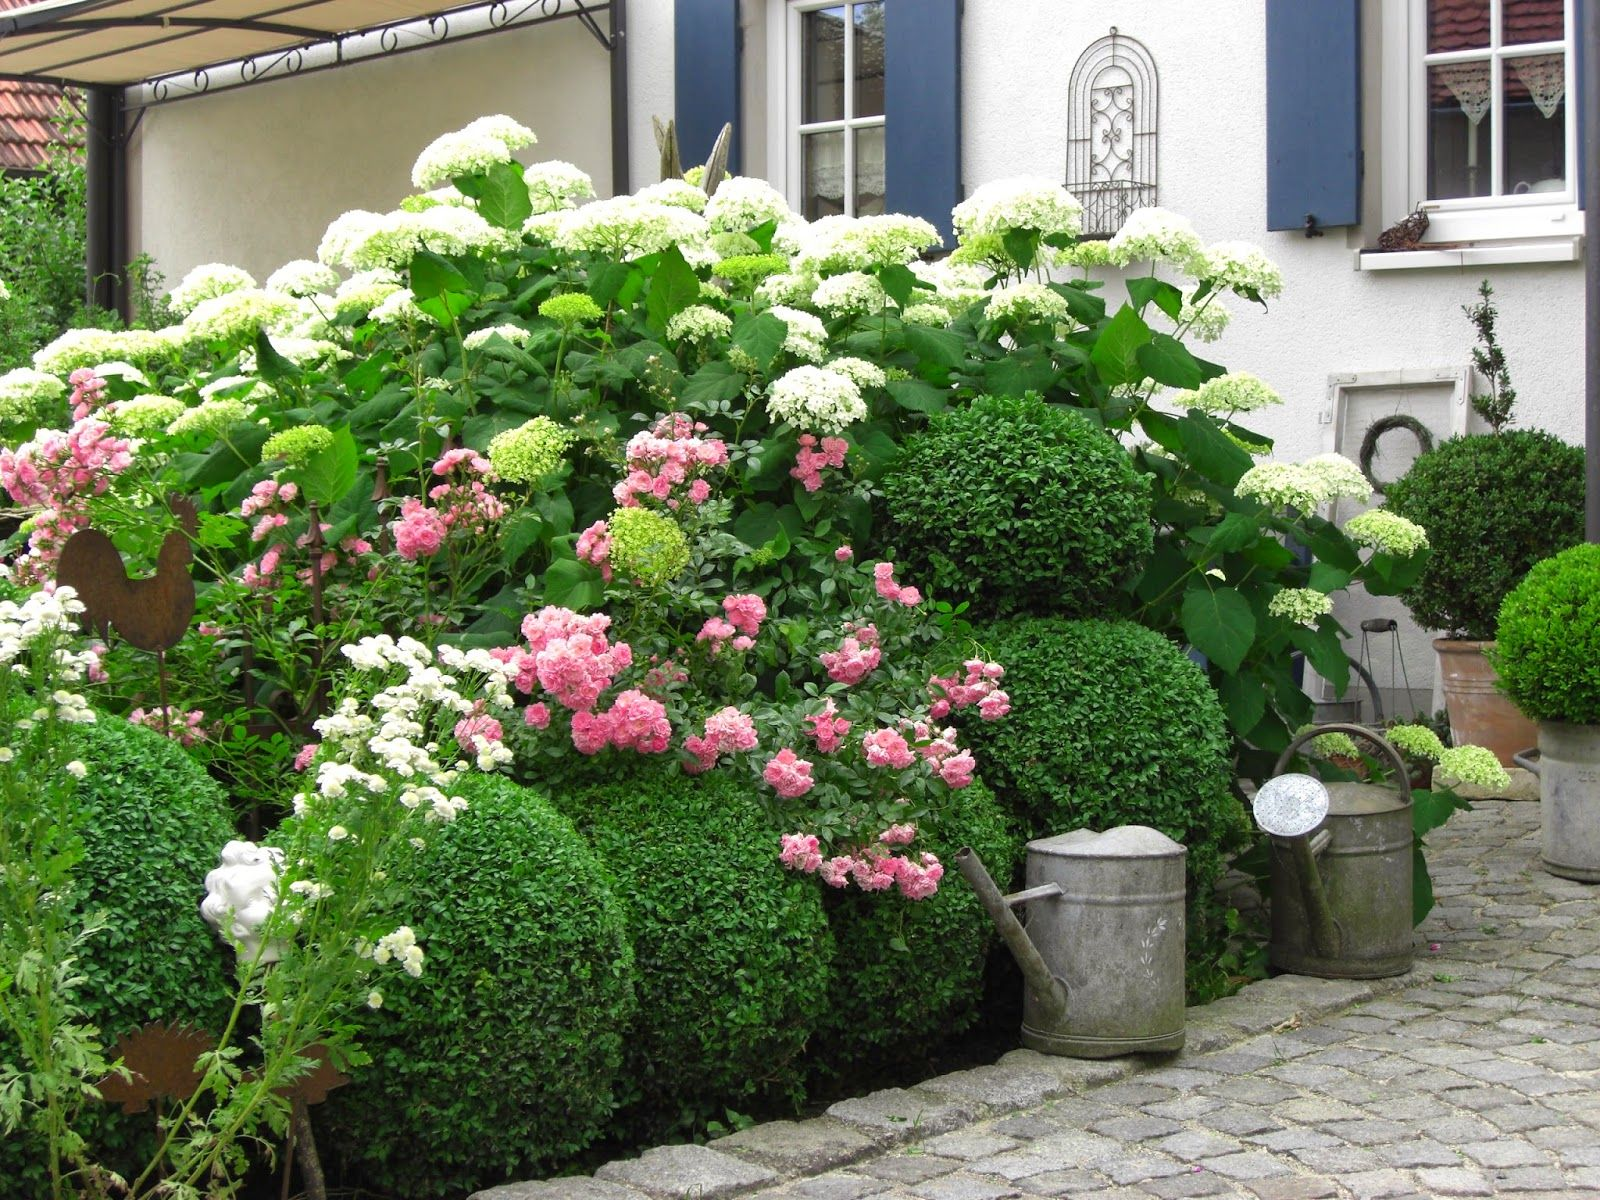 landliebe cottage garden garten pinterest gardens. Black Bedroom Furniture Sets. Home Design Ideas